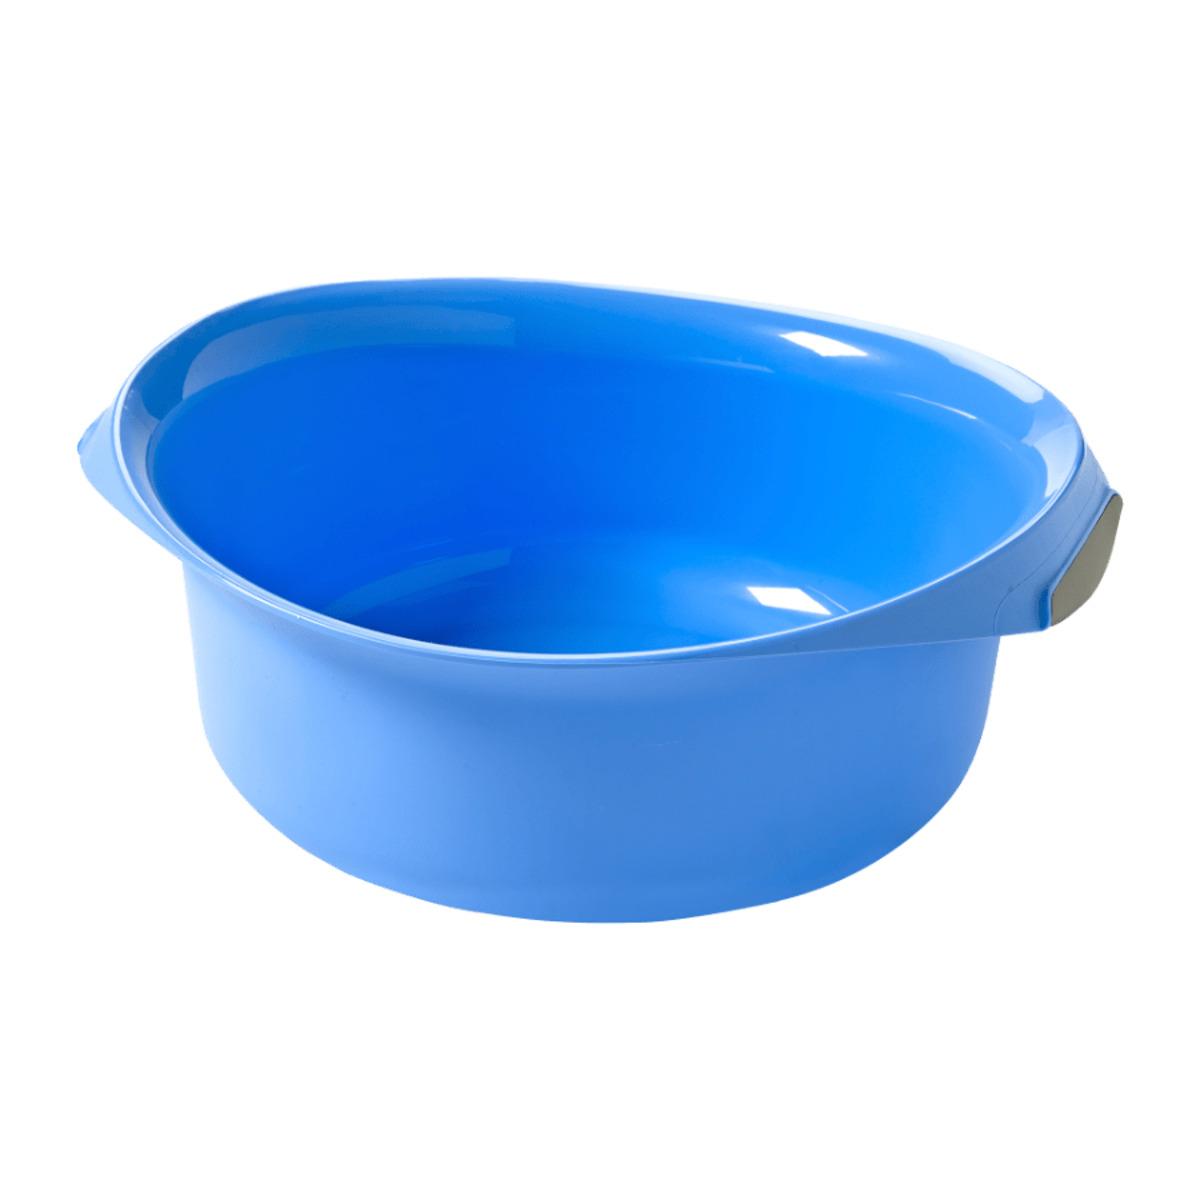 Bild 5 von HOME CREATION     Waschschüssel